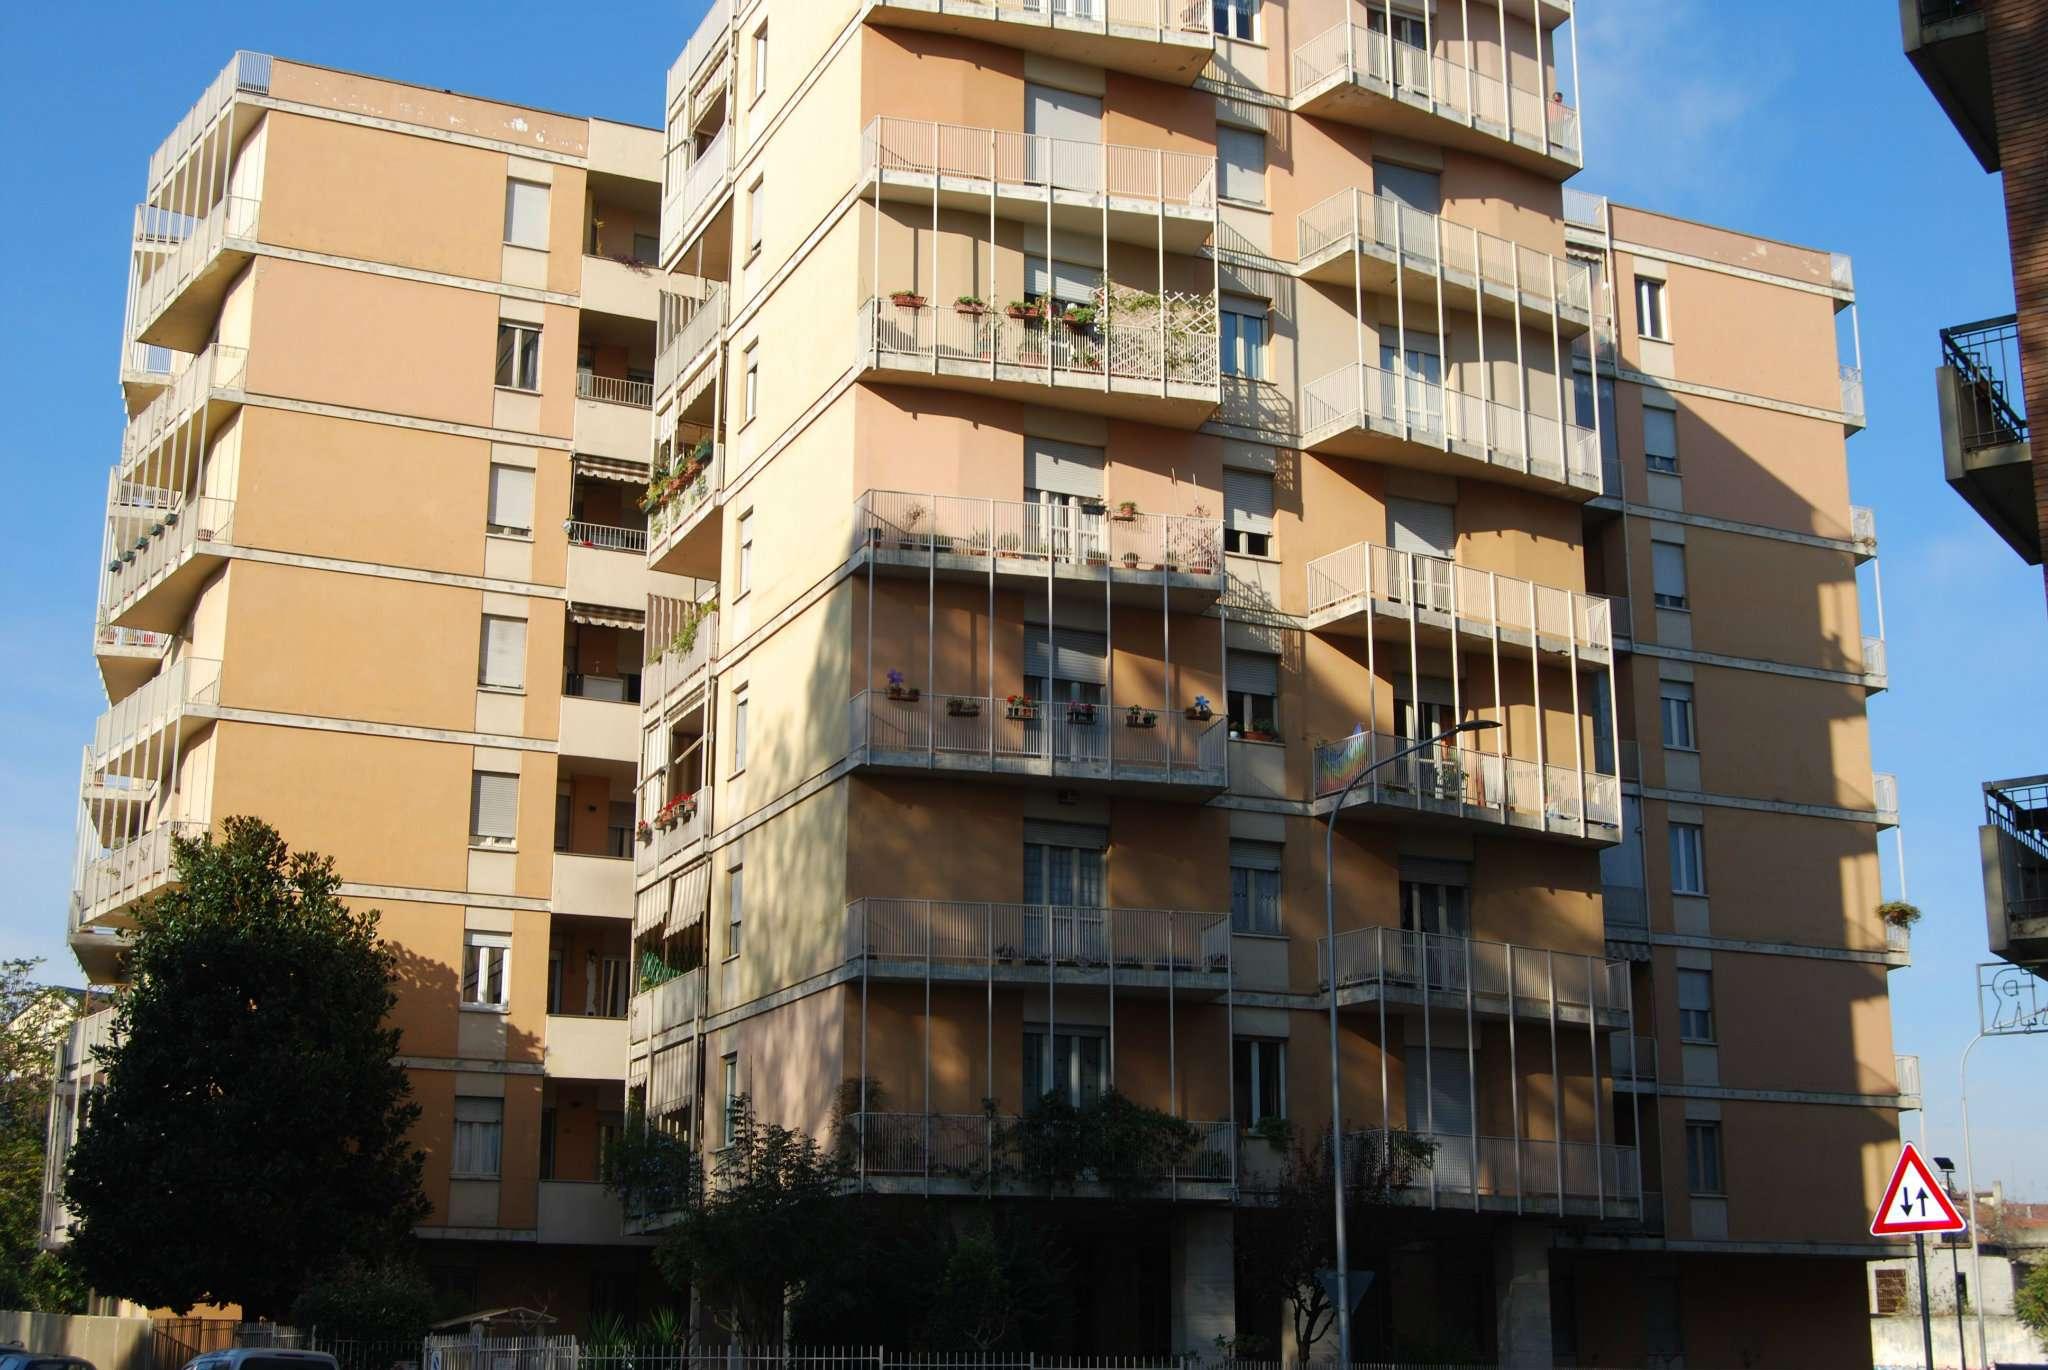 torino affitto quart: centrale eurocasa-immobiliare